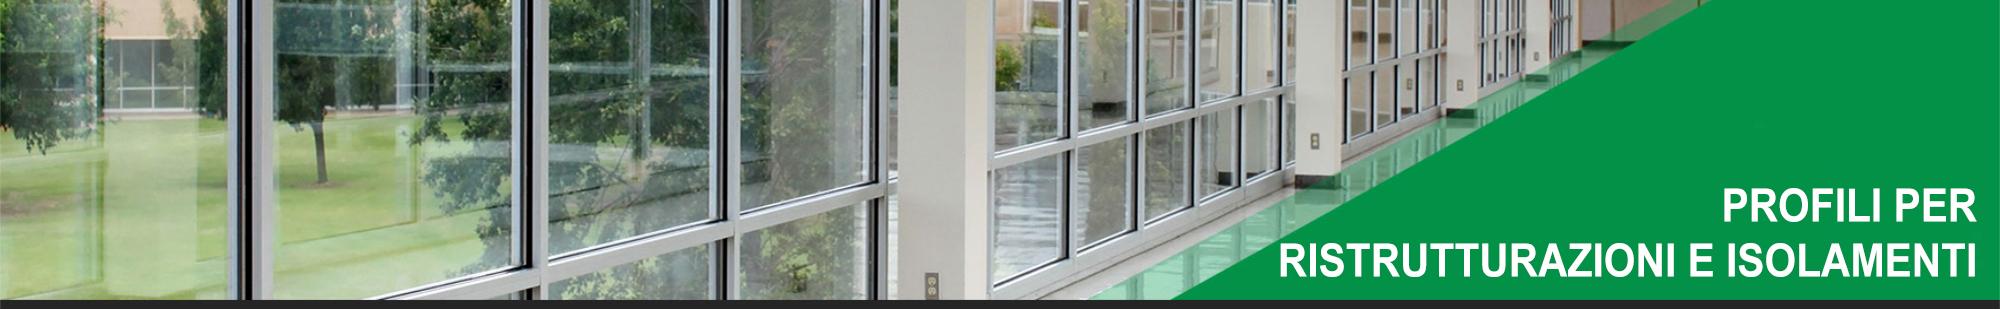 Profili di ristrutturazione desa fenster - Coibentazione davanzali finestre ...